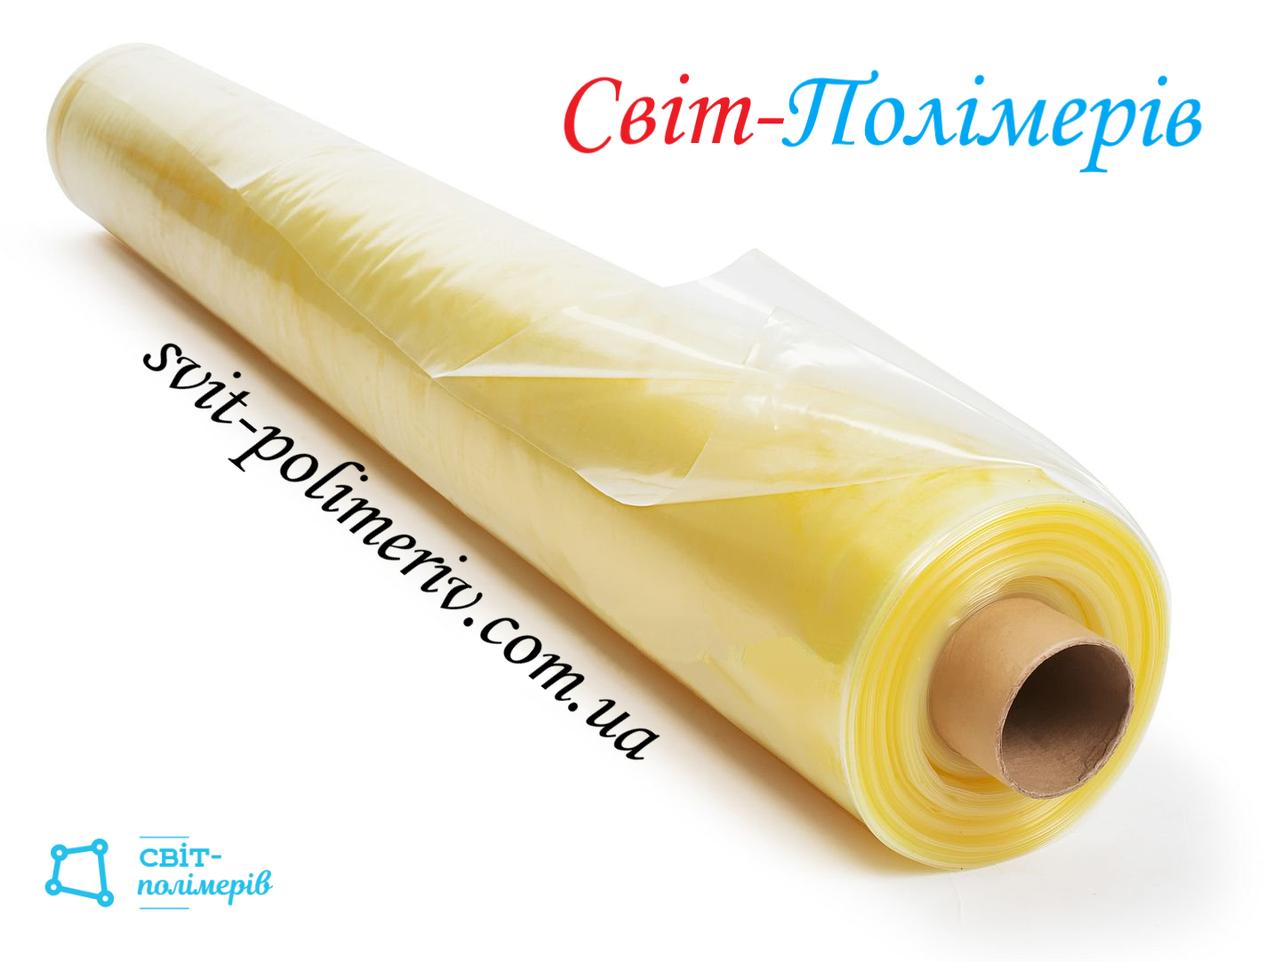 Пленка тепличная желтая UV 24 мес. РУКАВ 3 м, 150 мкм (вес 41-42 кг)